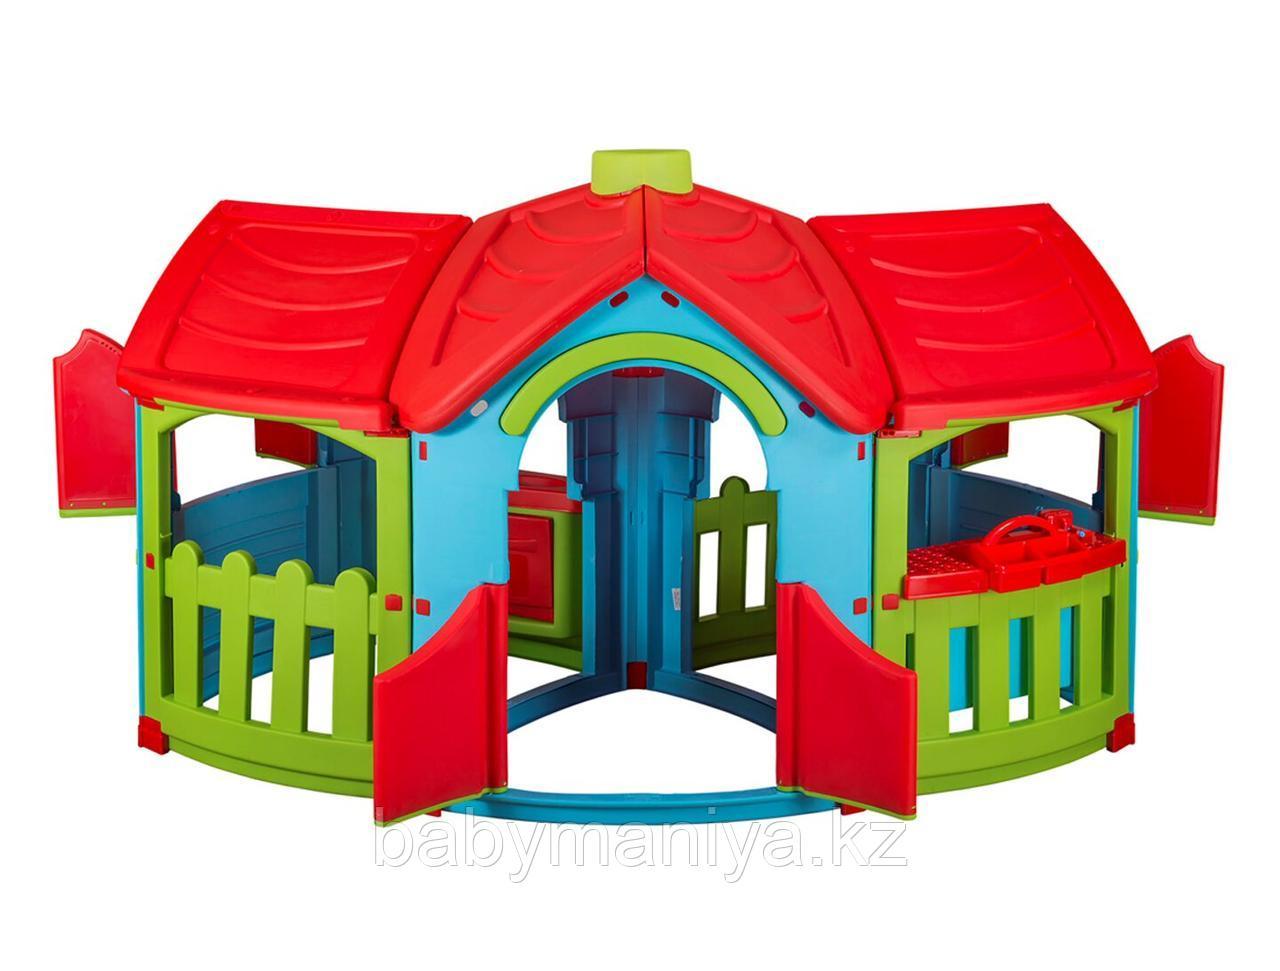 Детский игровой Домик Marian Plast с двумя пристройками (голубой, зеленый, красный)